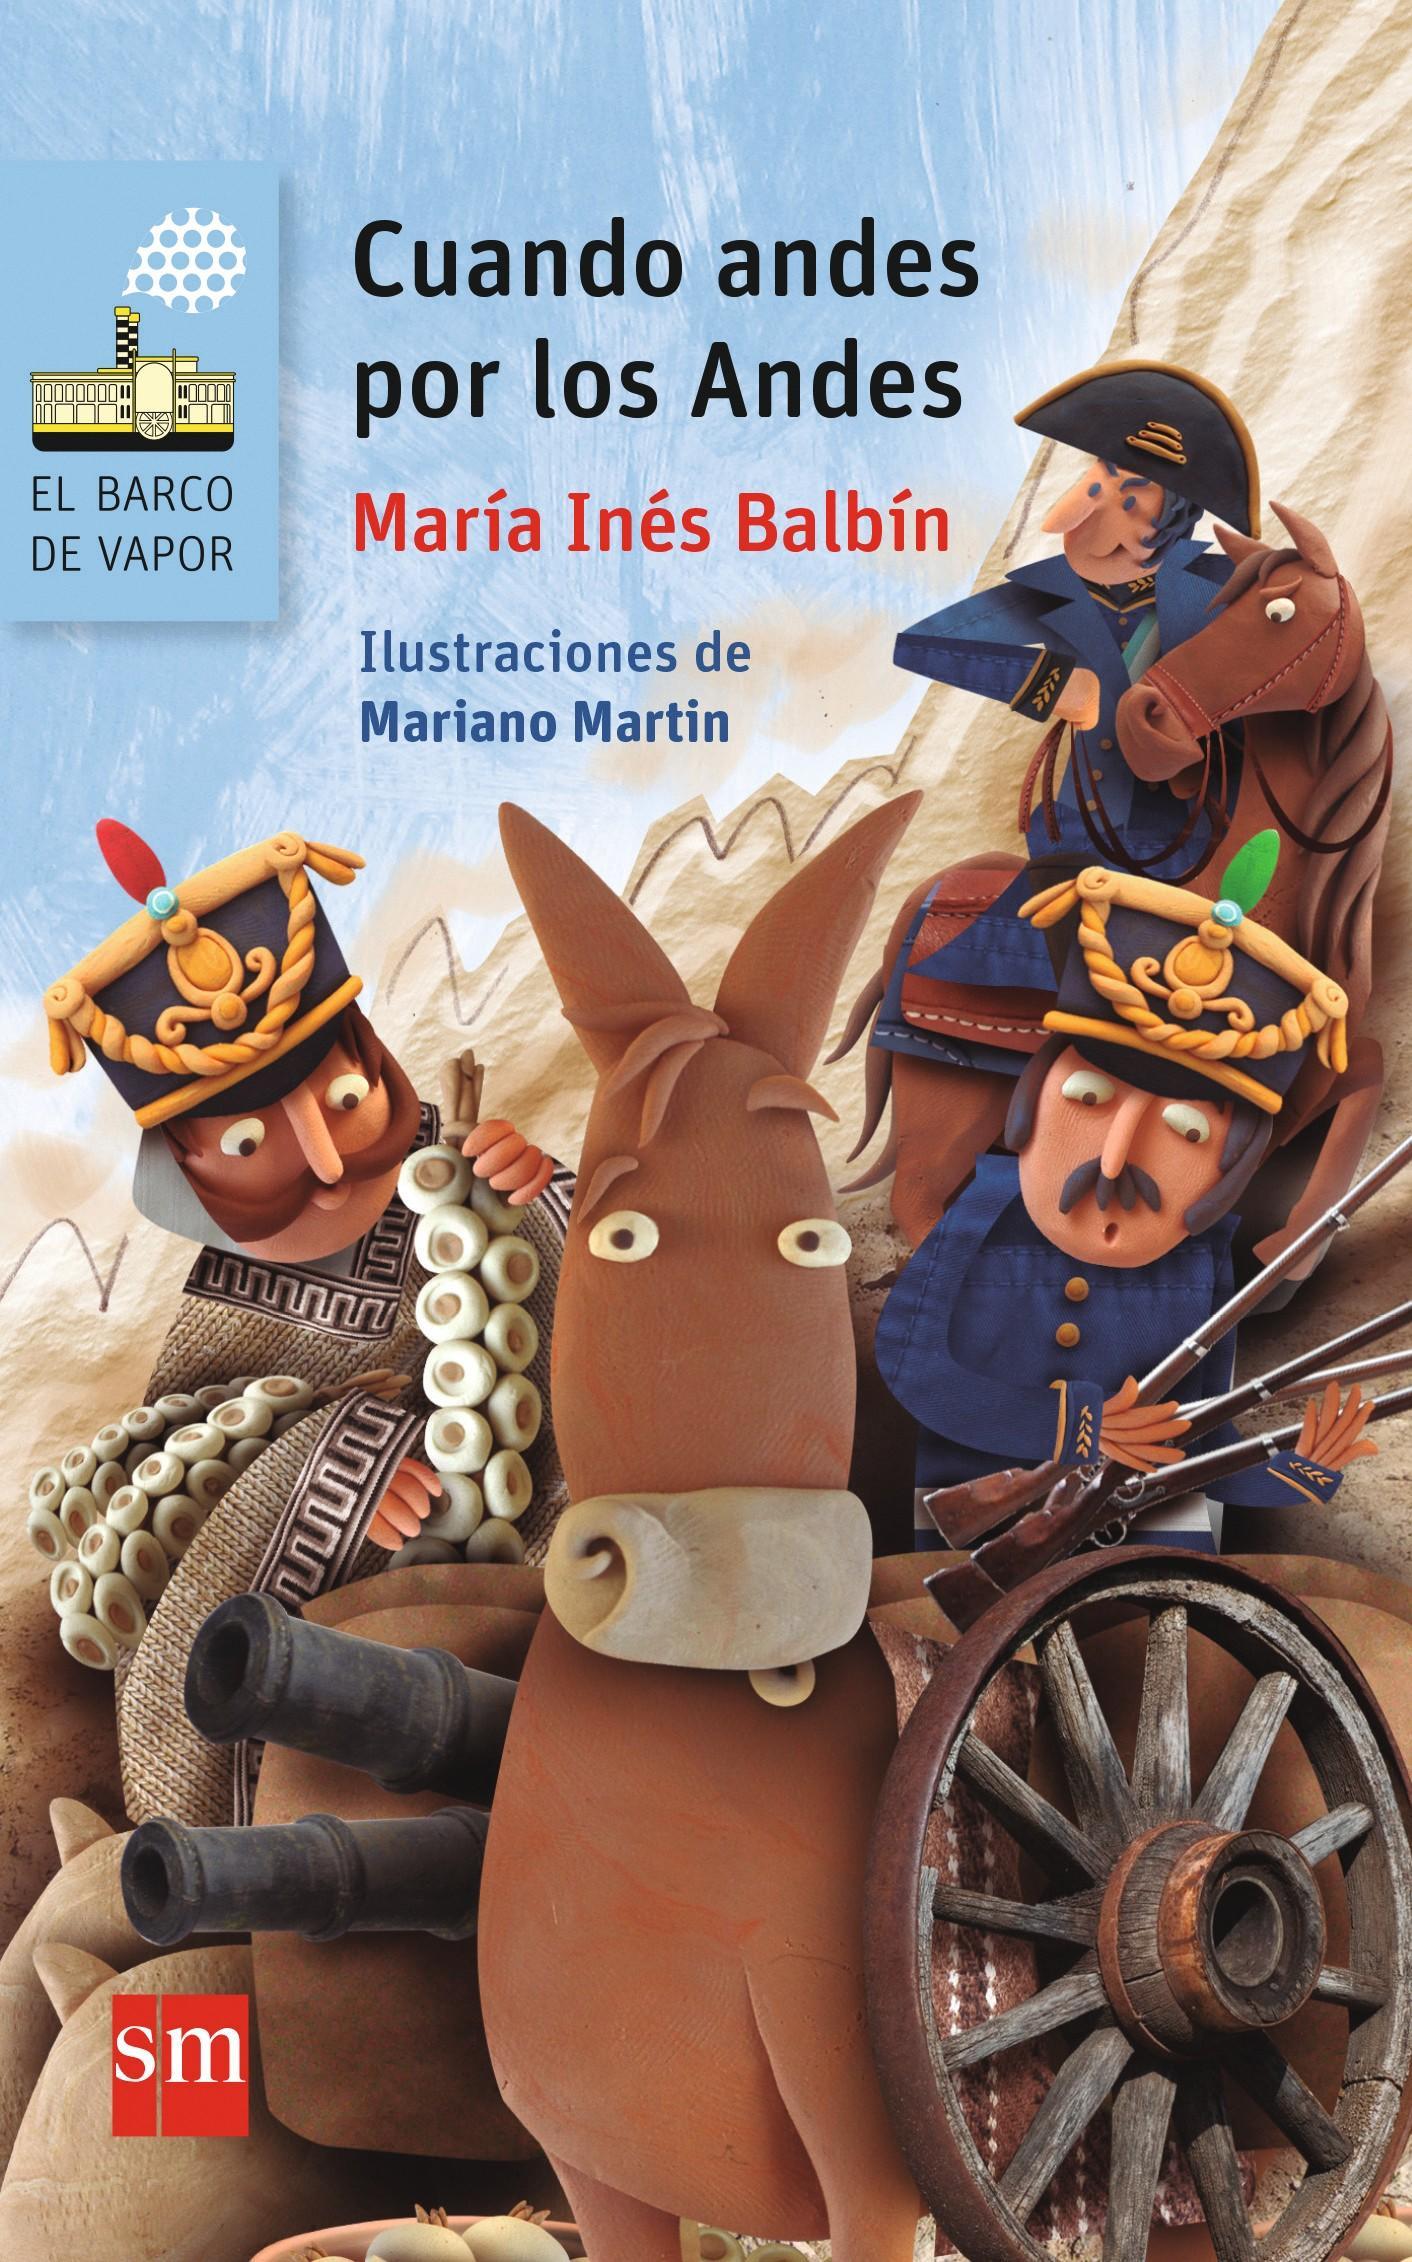 Portada de Cuando andes por los Andes de María Inés Balbín, 2017.